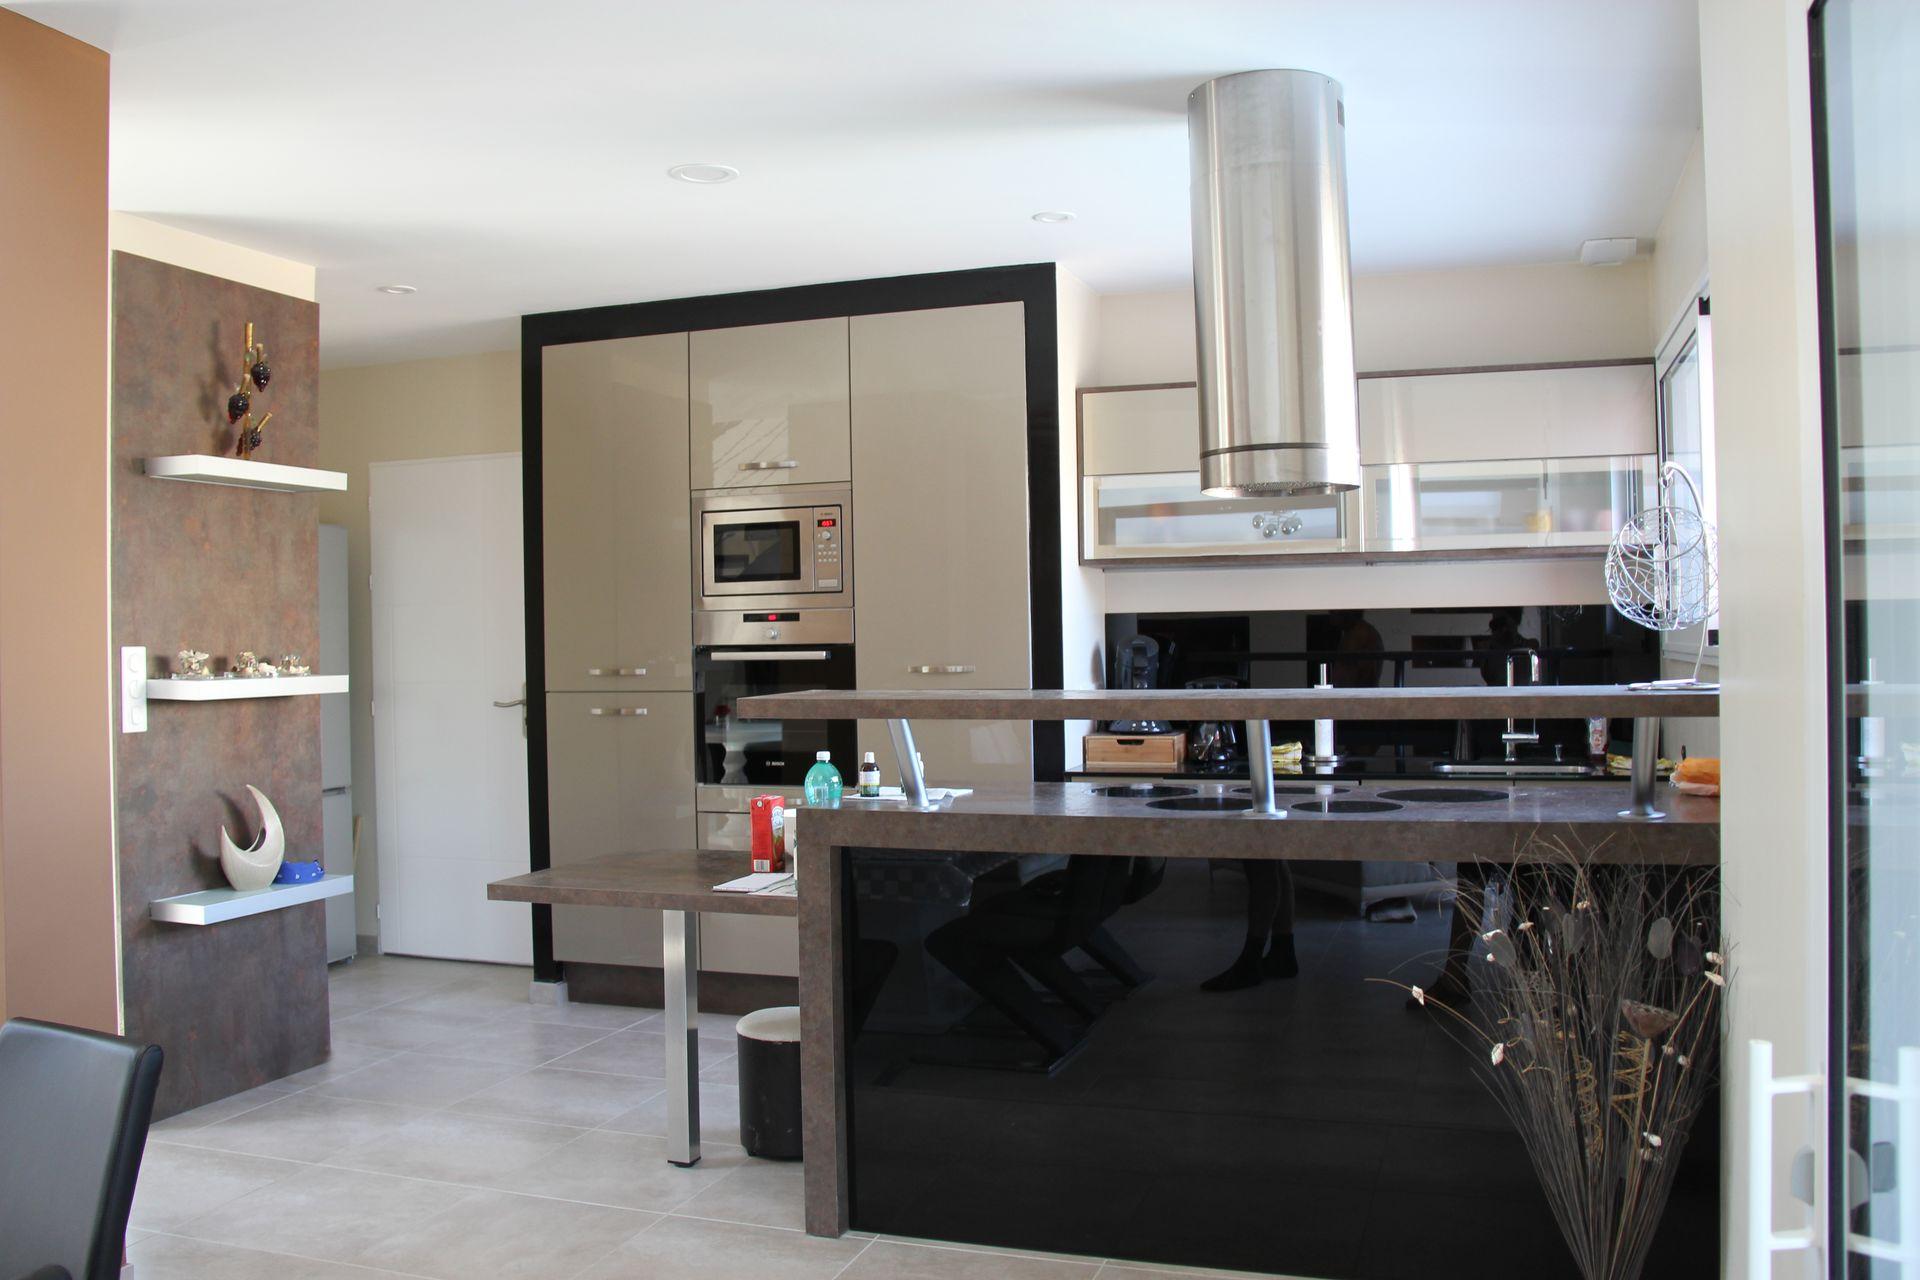 maison sainte luce sur loire perfect maison a vendre m with maison sainte luce sur loire. Black Bedroom Furniture Sets. Home Design Ideas